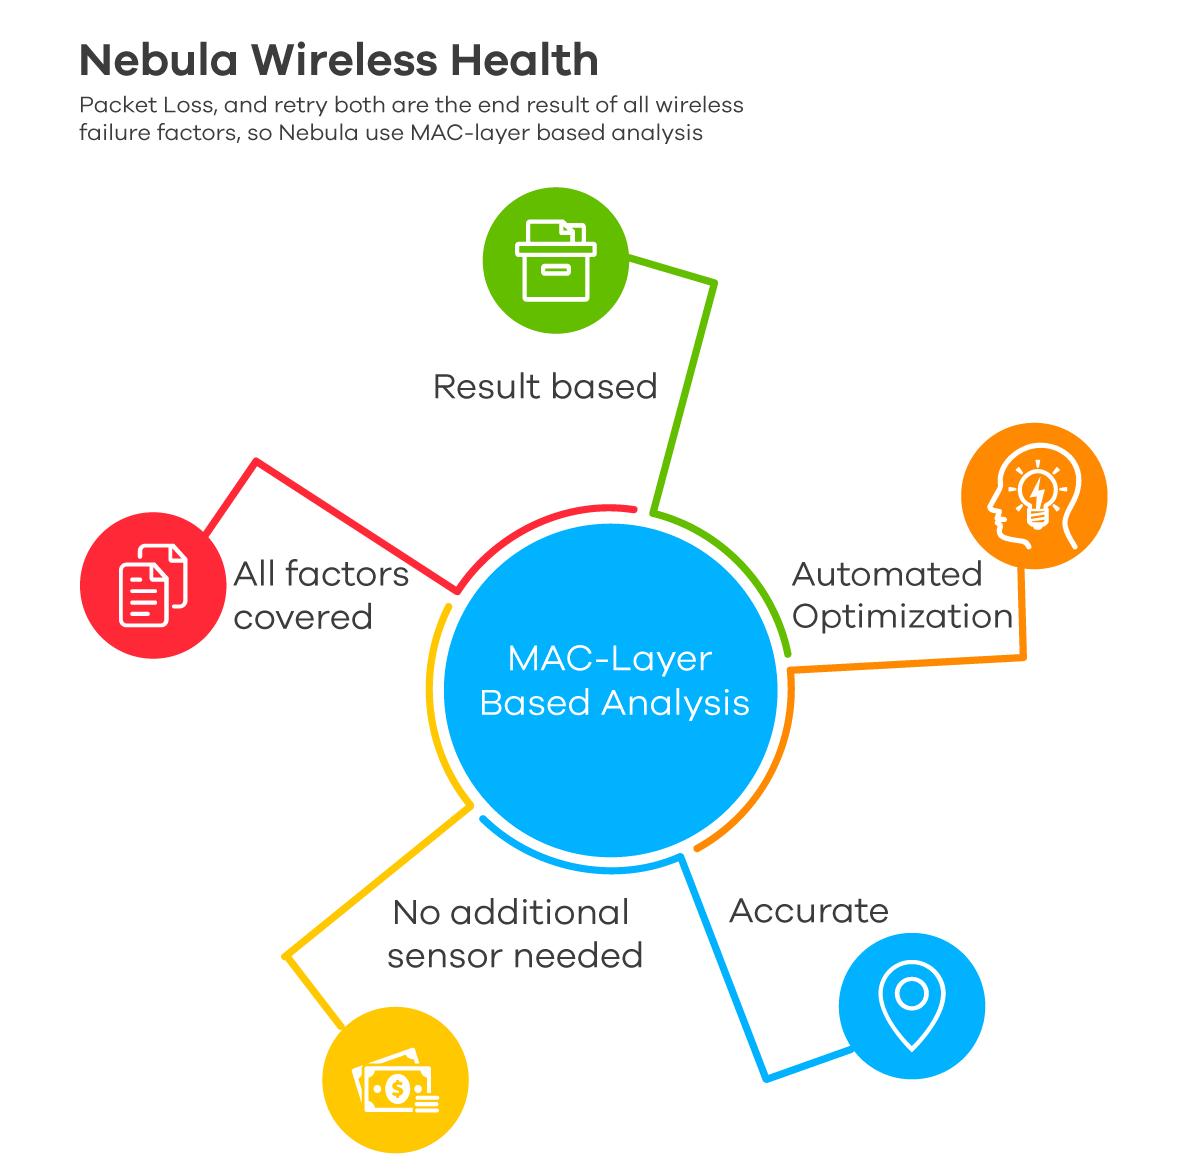 nebula-wireless-health.png